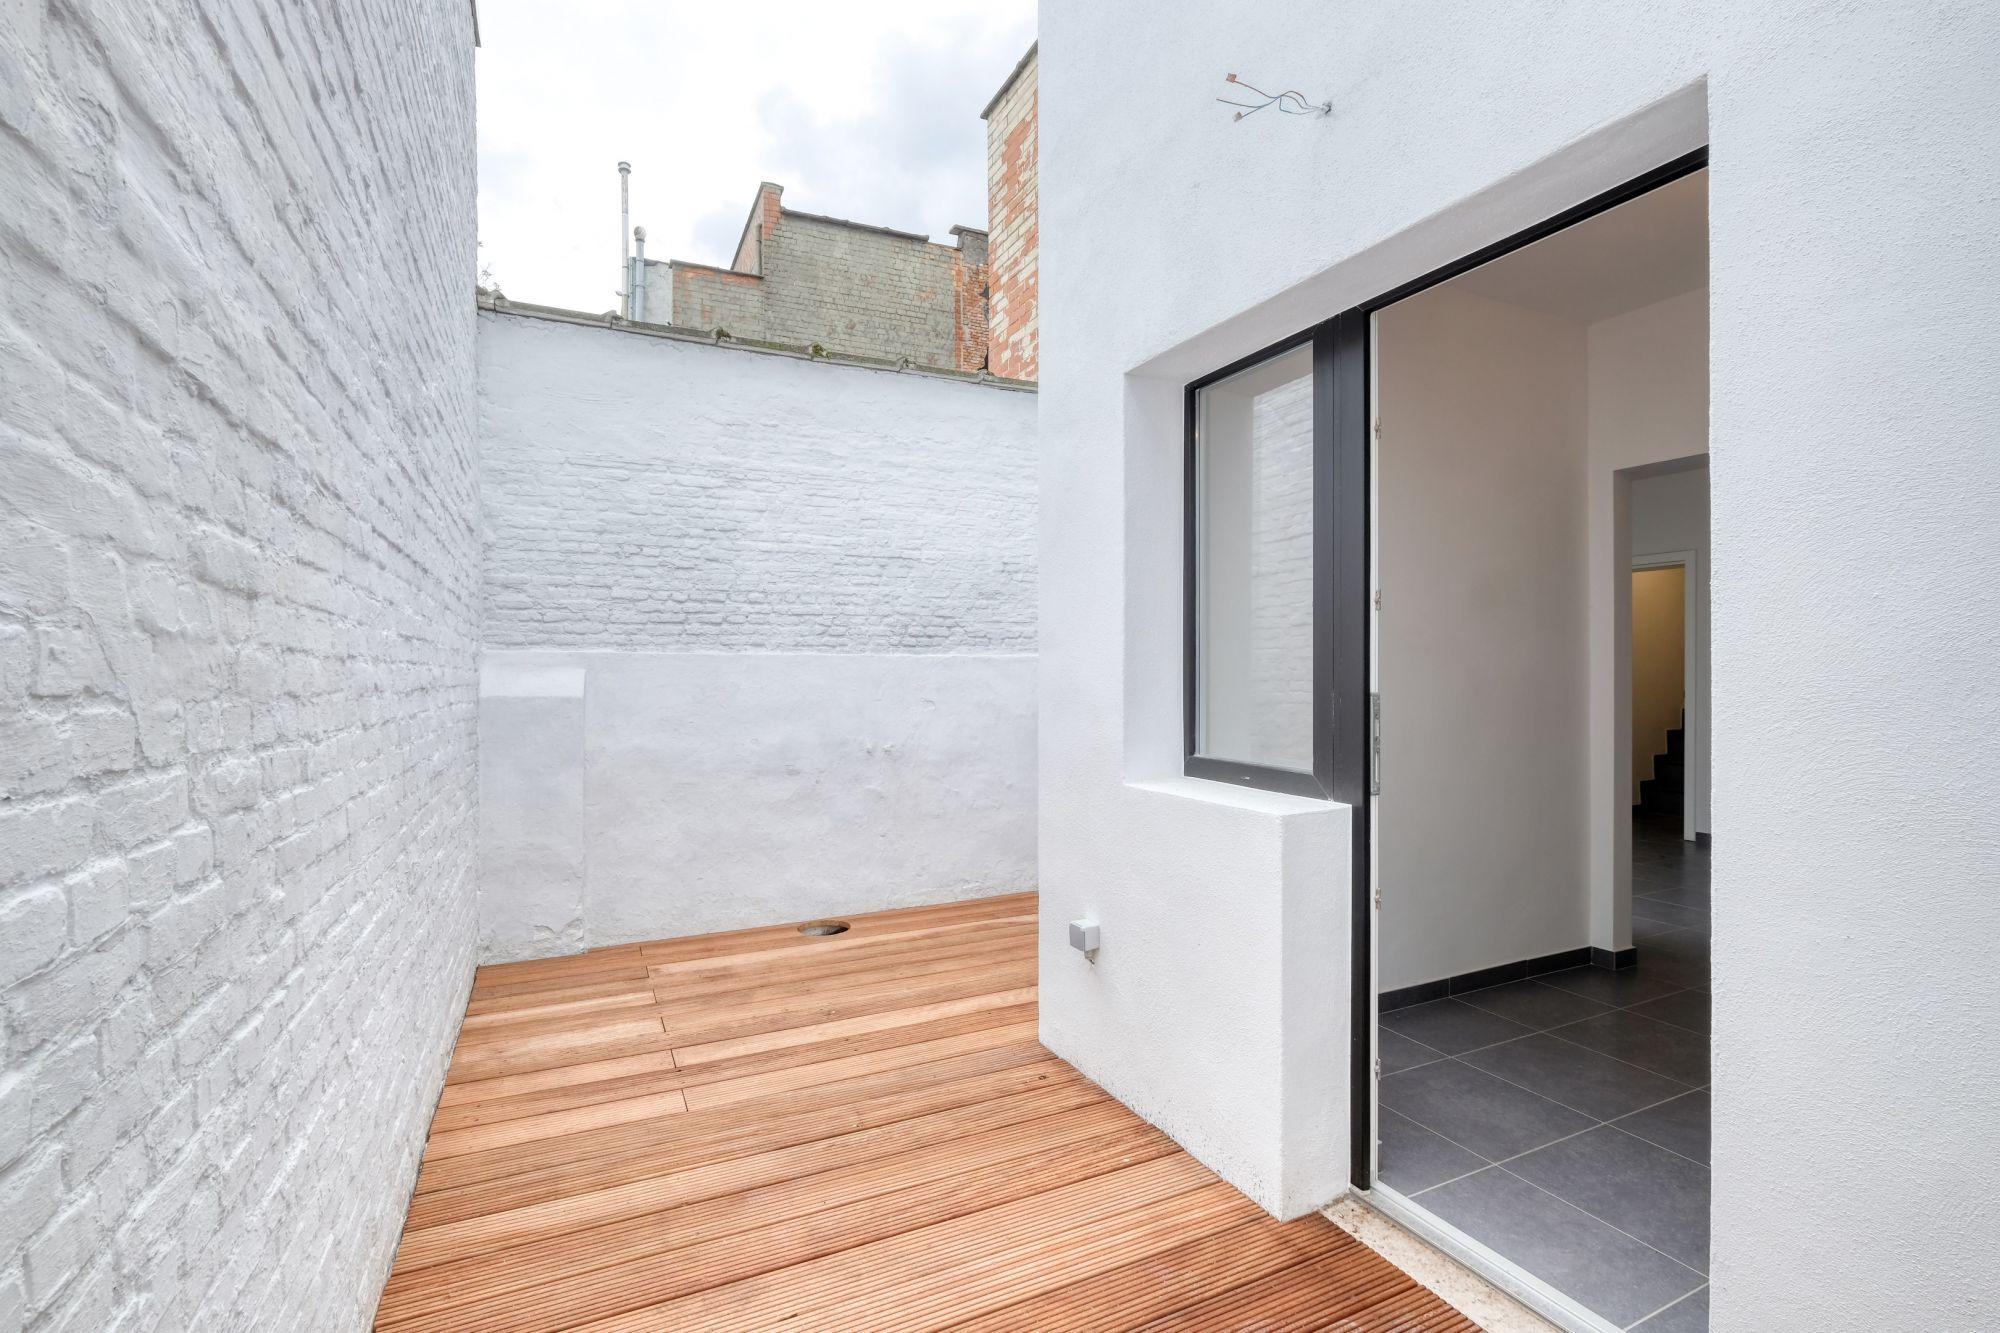 d918e00170c Strak gerenoveerde rijwoning met 3 slaapkamers, 2 badkamers en een ...